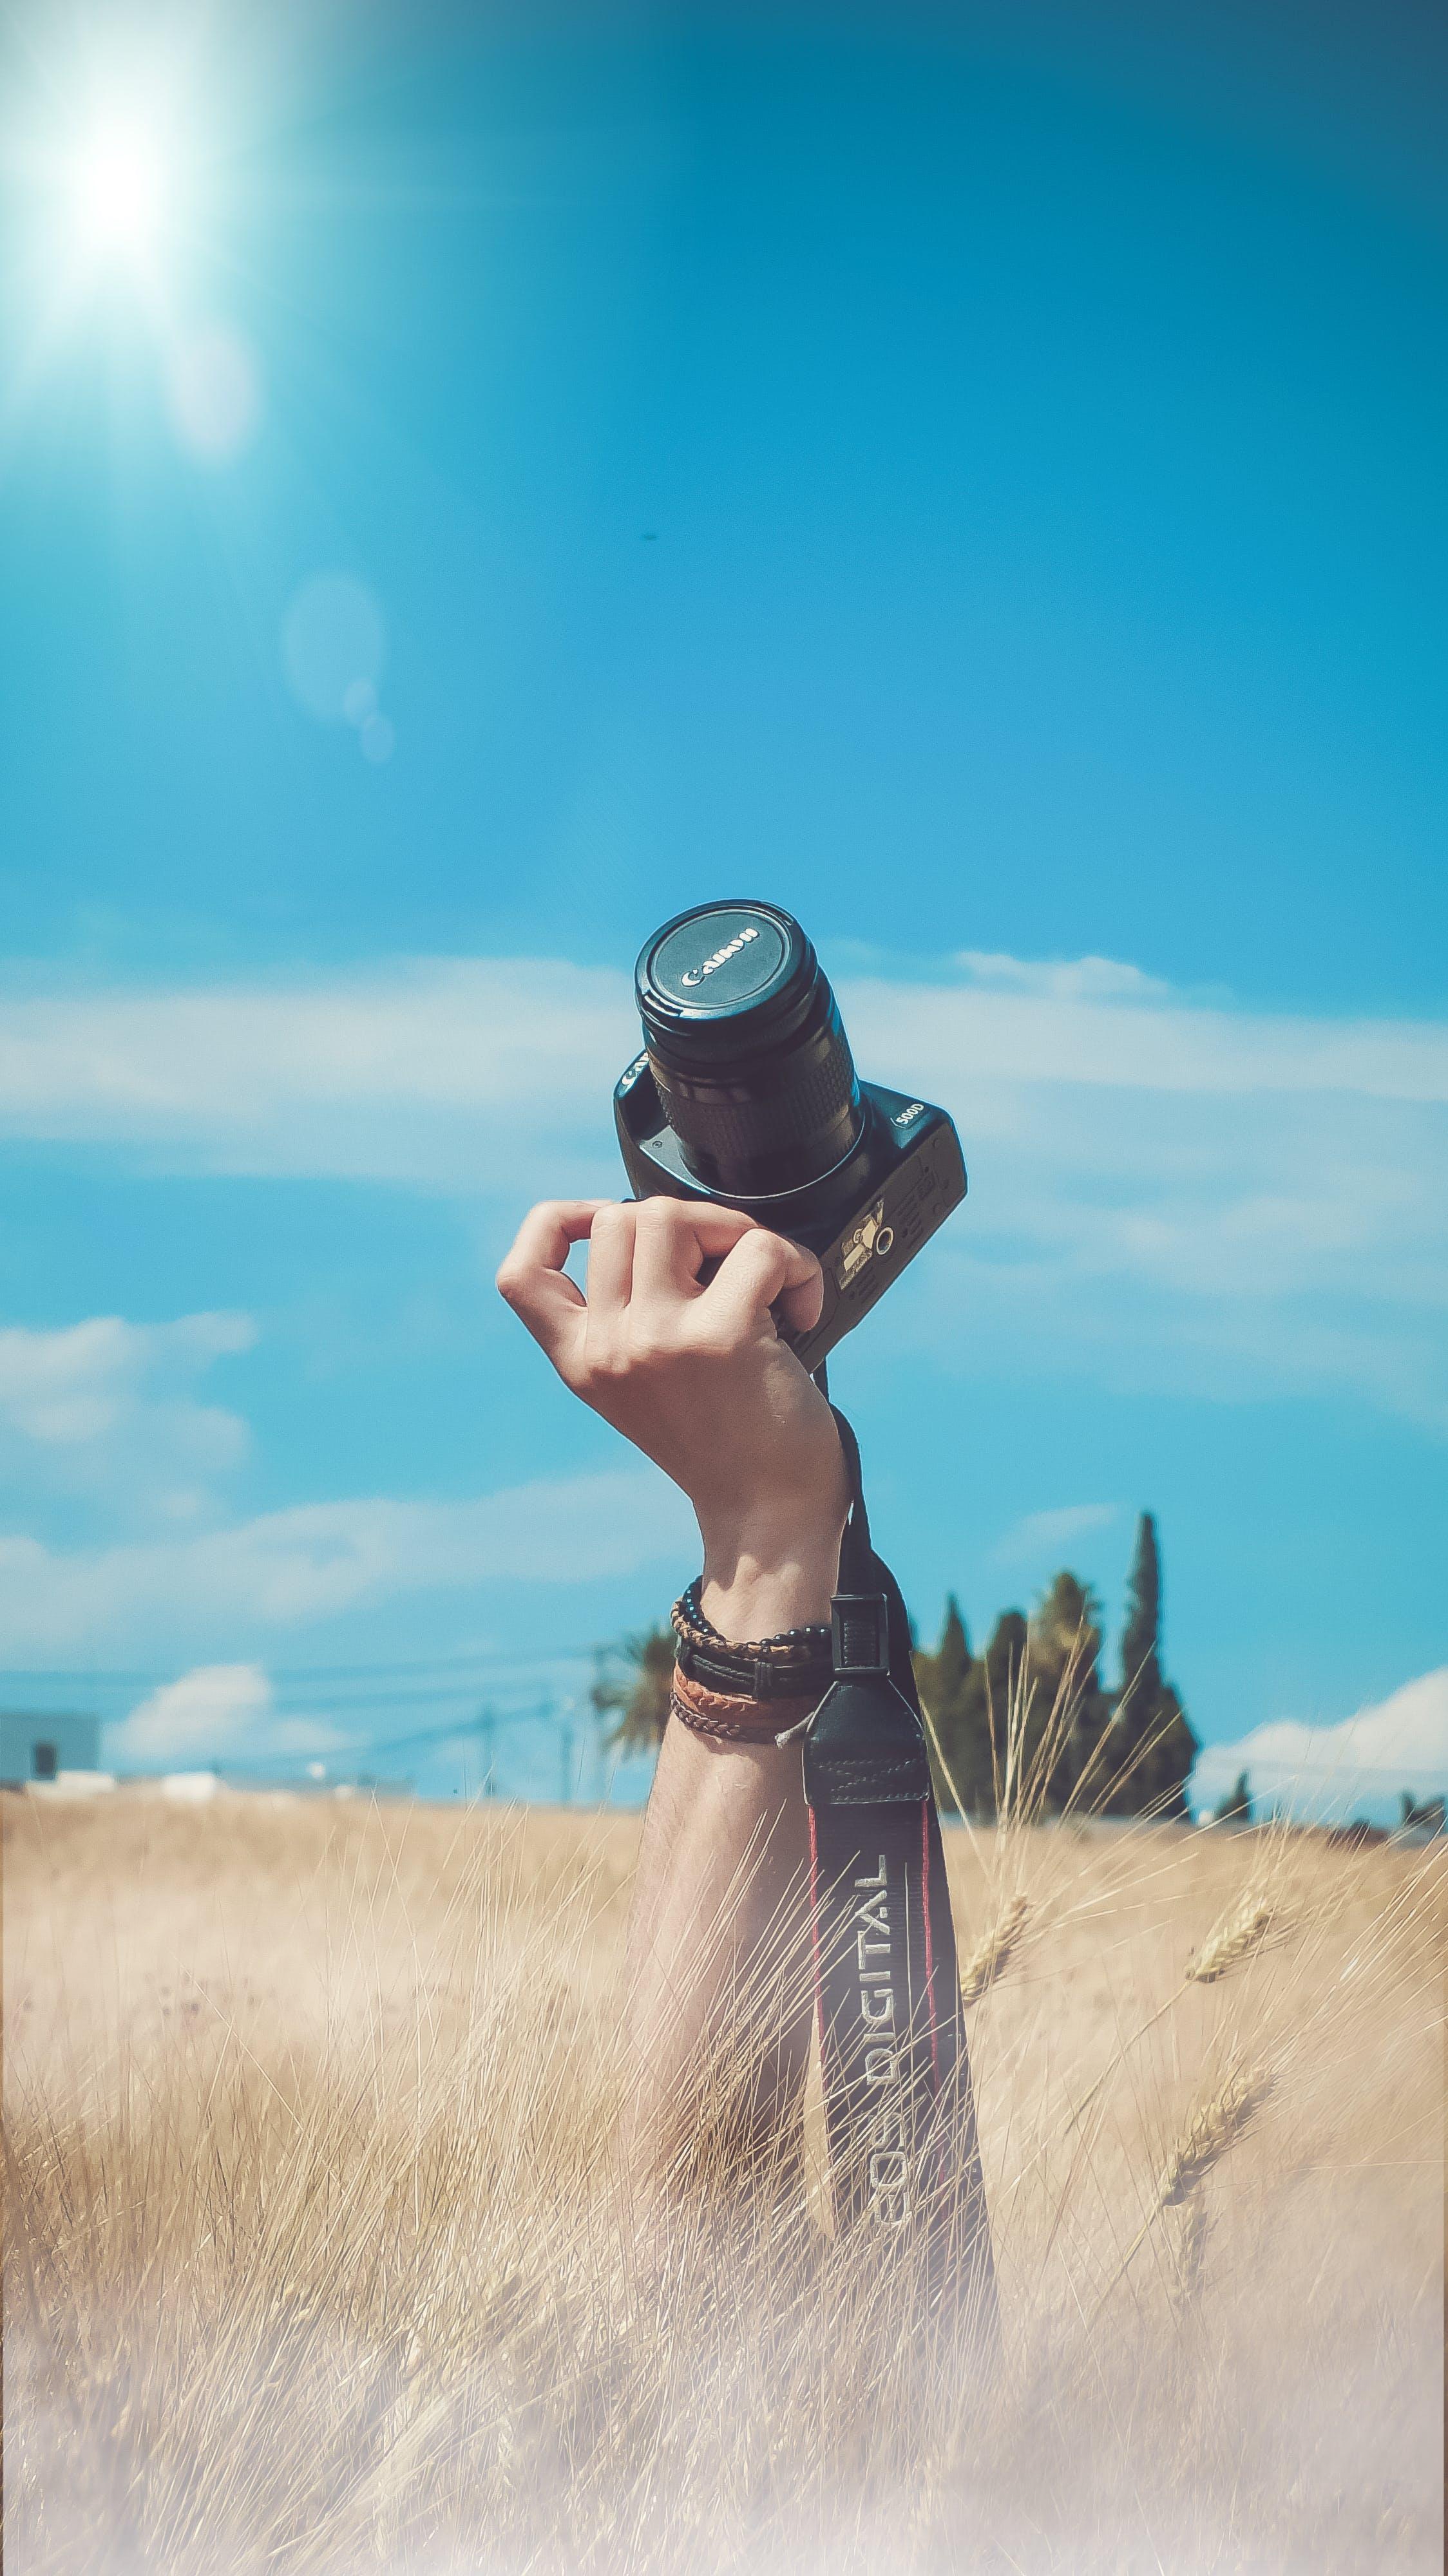 คลังภาพถ่ายฟรี ของ กล้อง, การถ่ายภาพความเร็วสูง, การถ่ายภาพธรรมชาติ, การผ่อนคลาย